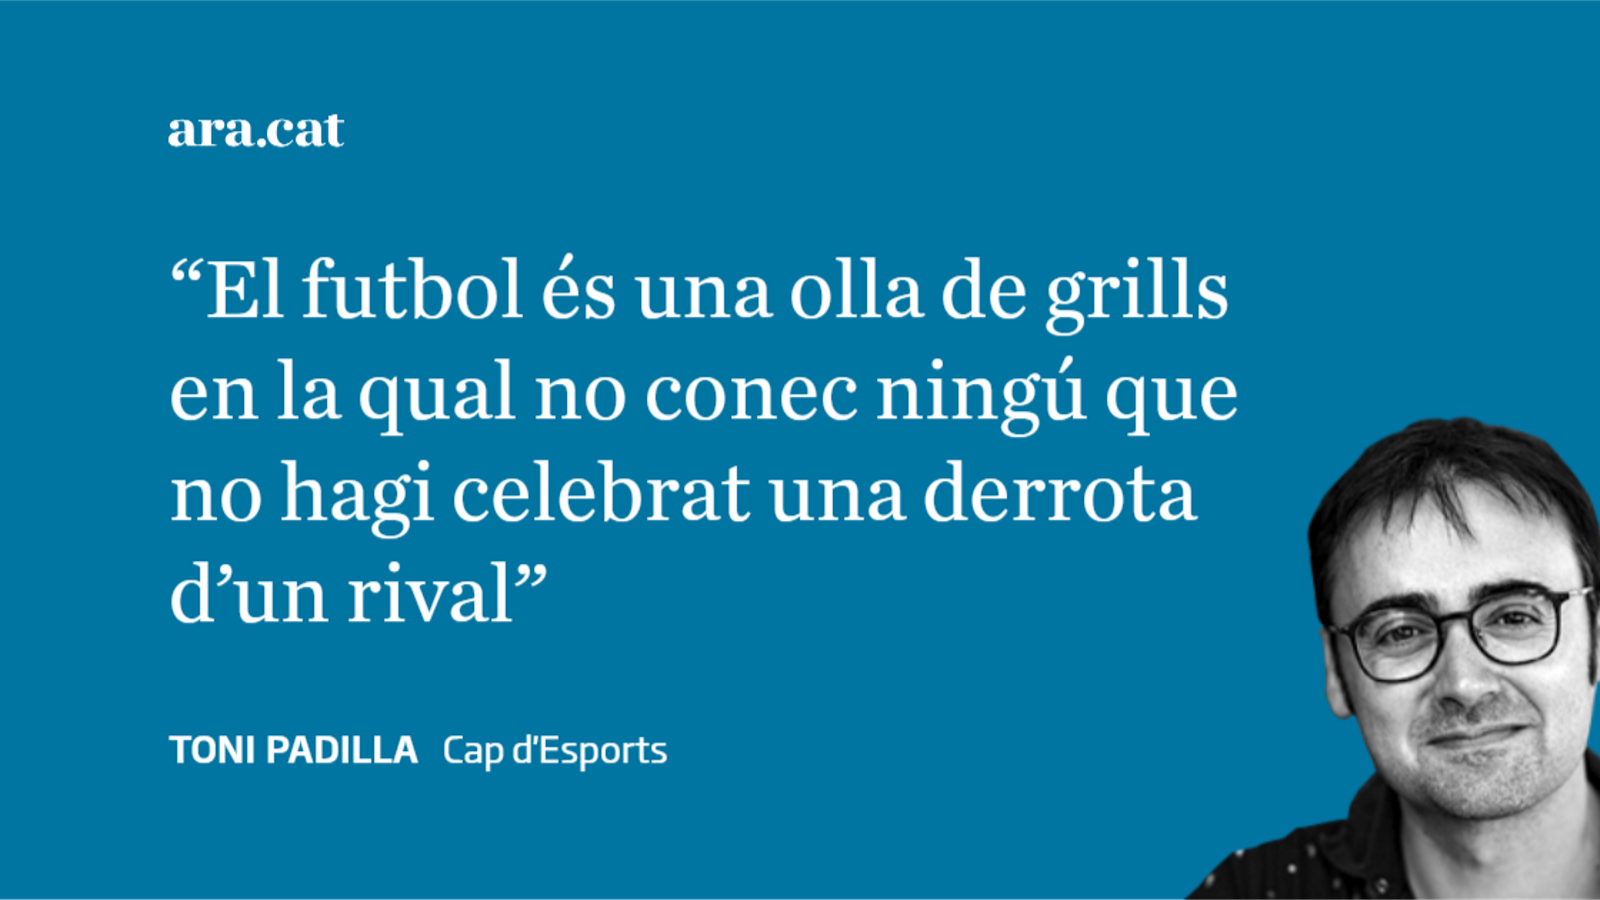 Una derrota de tot el futbol català